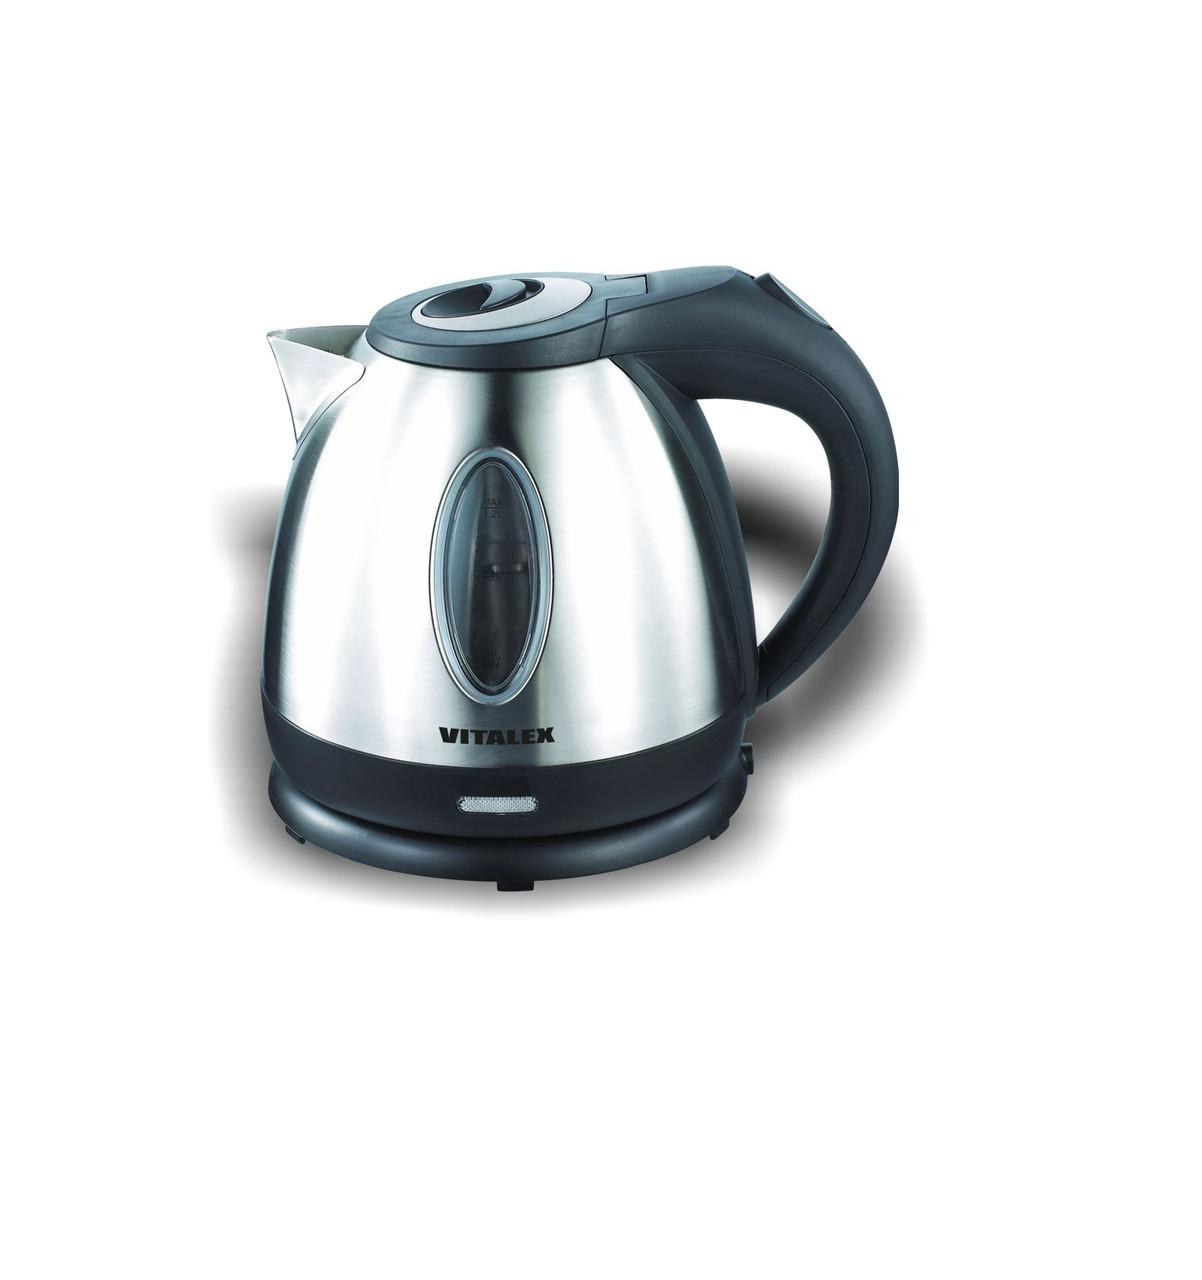 Электрический чайник 1,2 л. VATALEX VT-2010